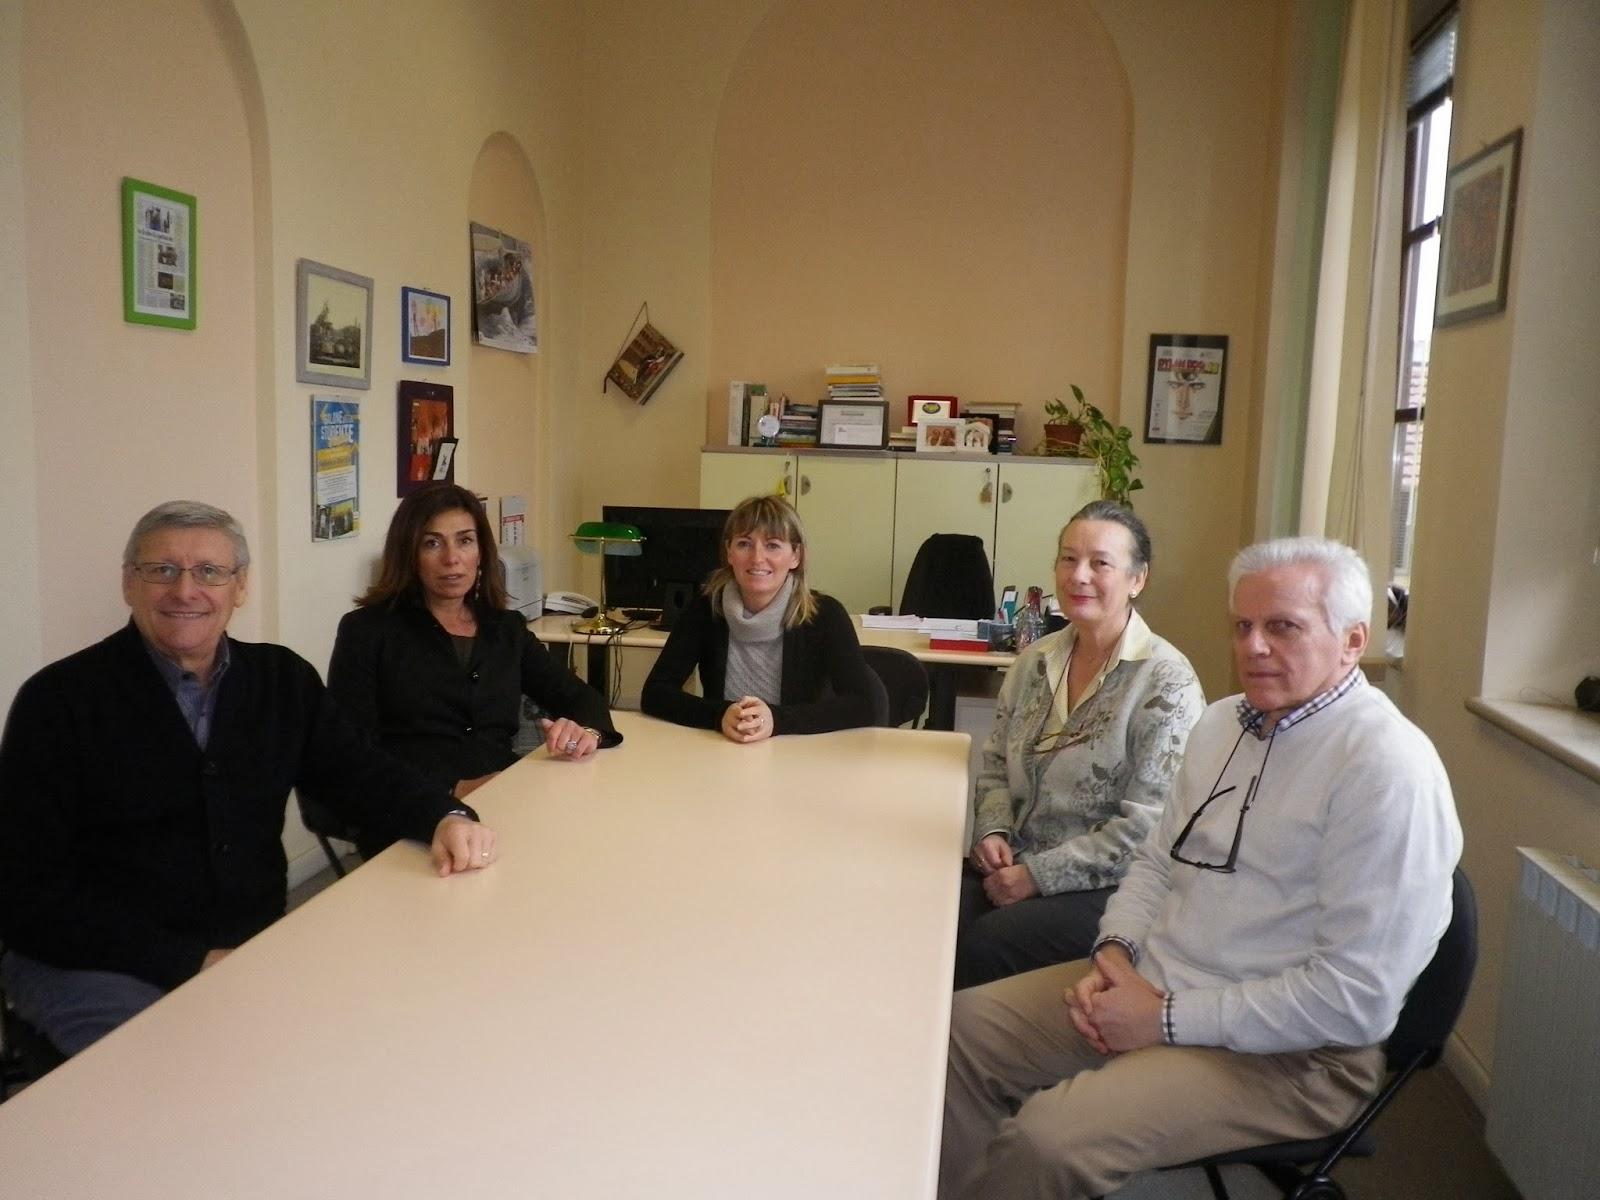 Cremona in comune incontro operativo dei principali for Maestro nelle planimetrie principali